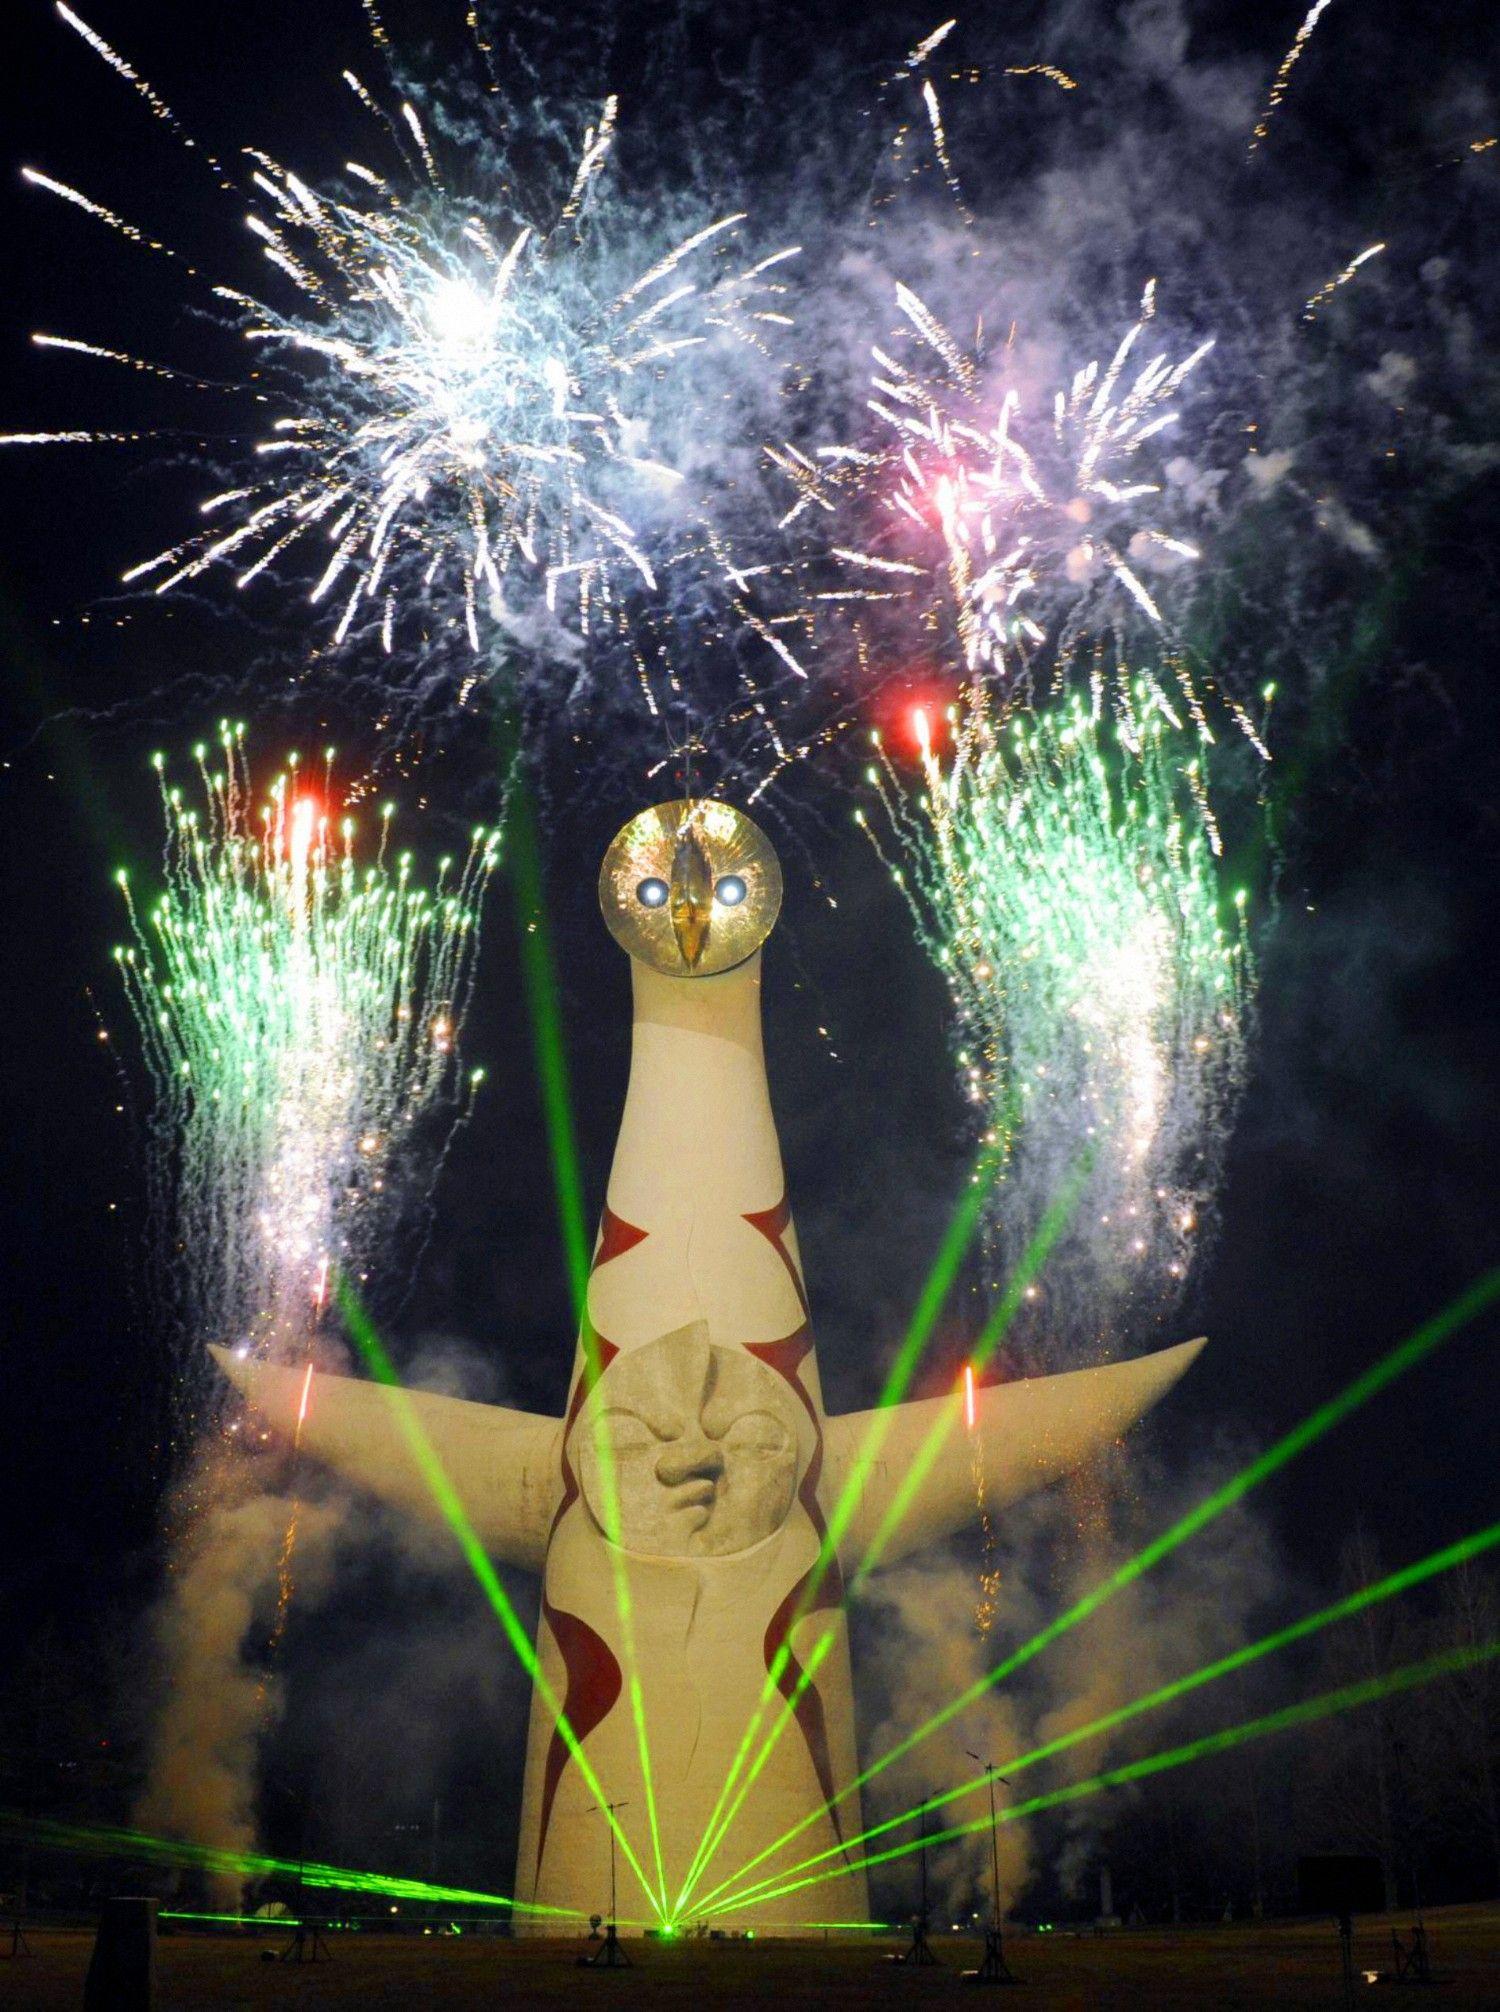 開幕式でビームを放つ太陽の塔 ©文藝春秋